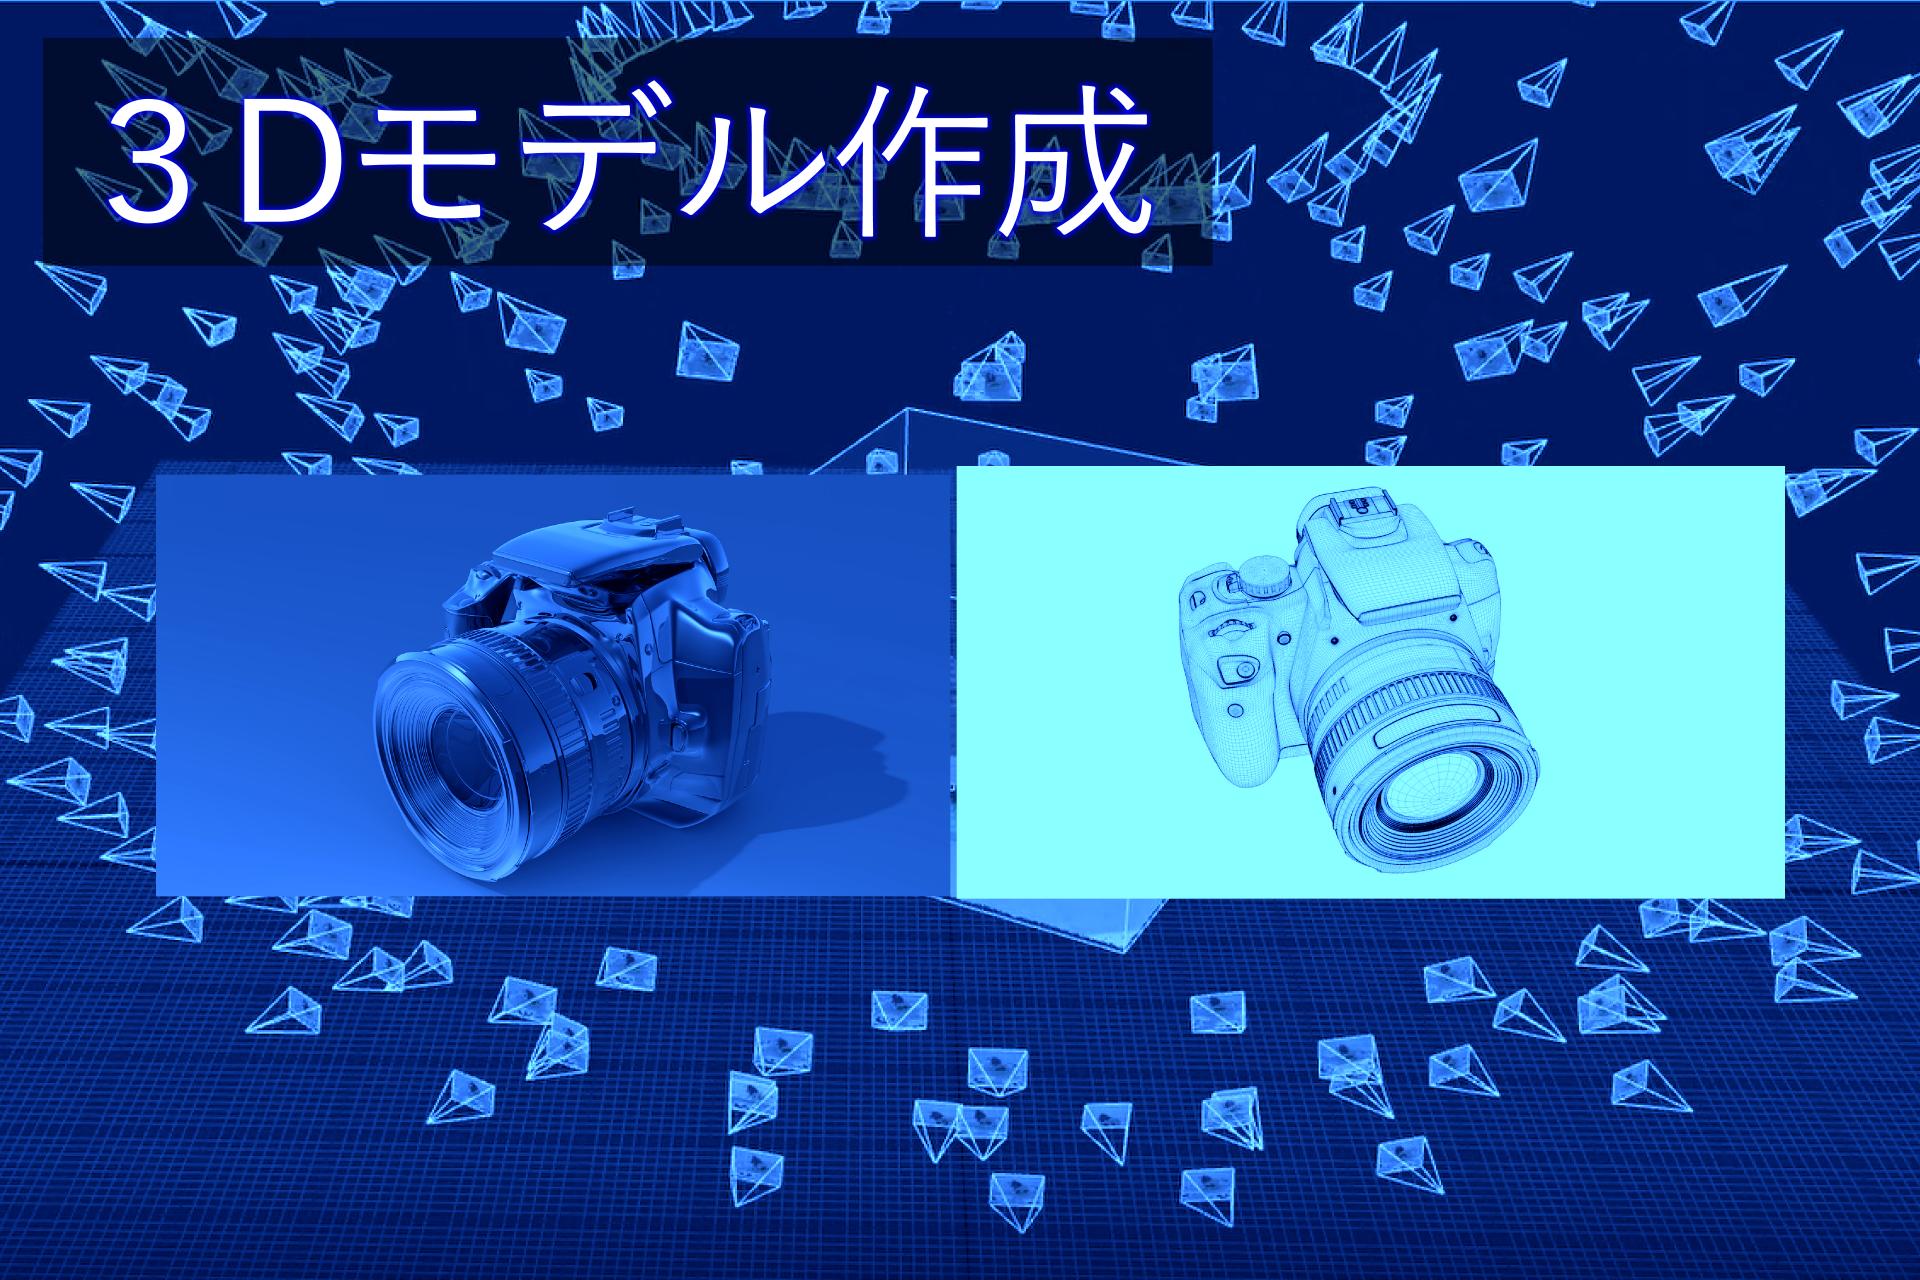 3Dモデル作成(フォトグラメトリ)